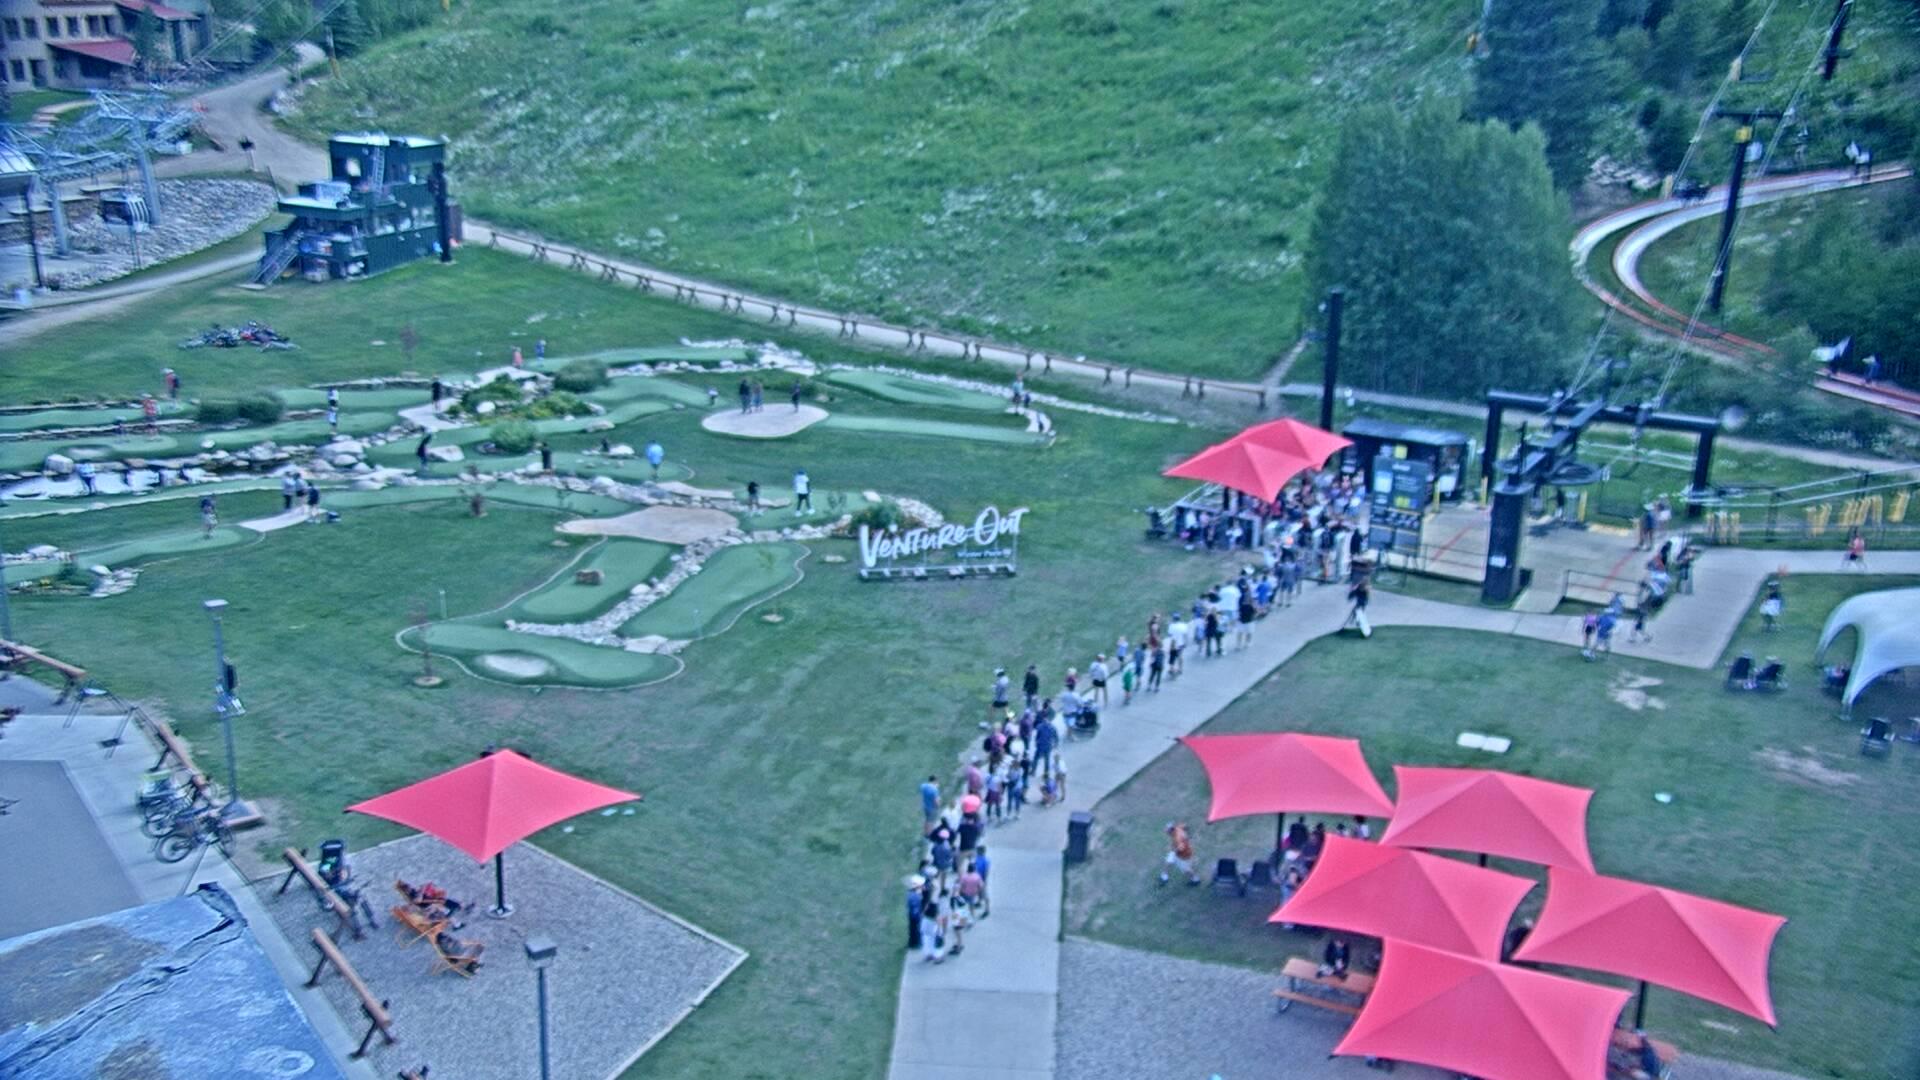 Winter park colorado weather webcam